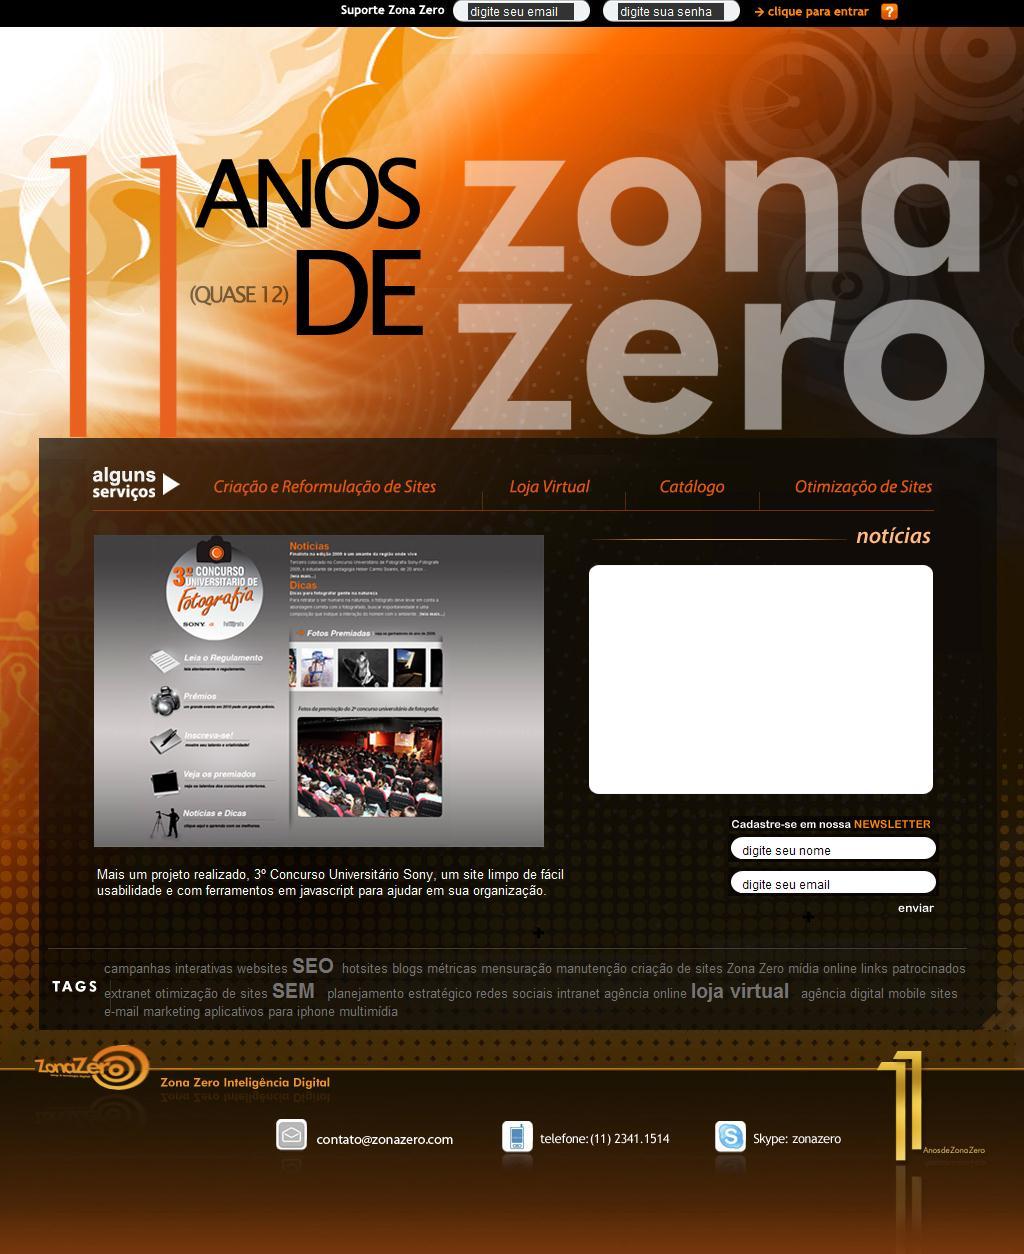 Agência Digital, Criação de Sites, Web Design, Desenvolvimento de Sistemas Web, Otimização de sites SEO SEM